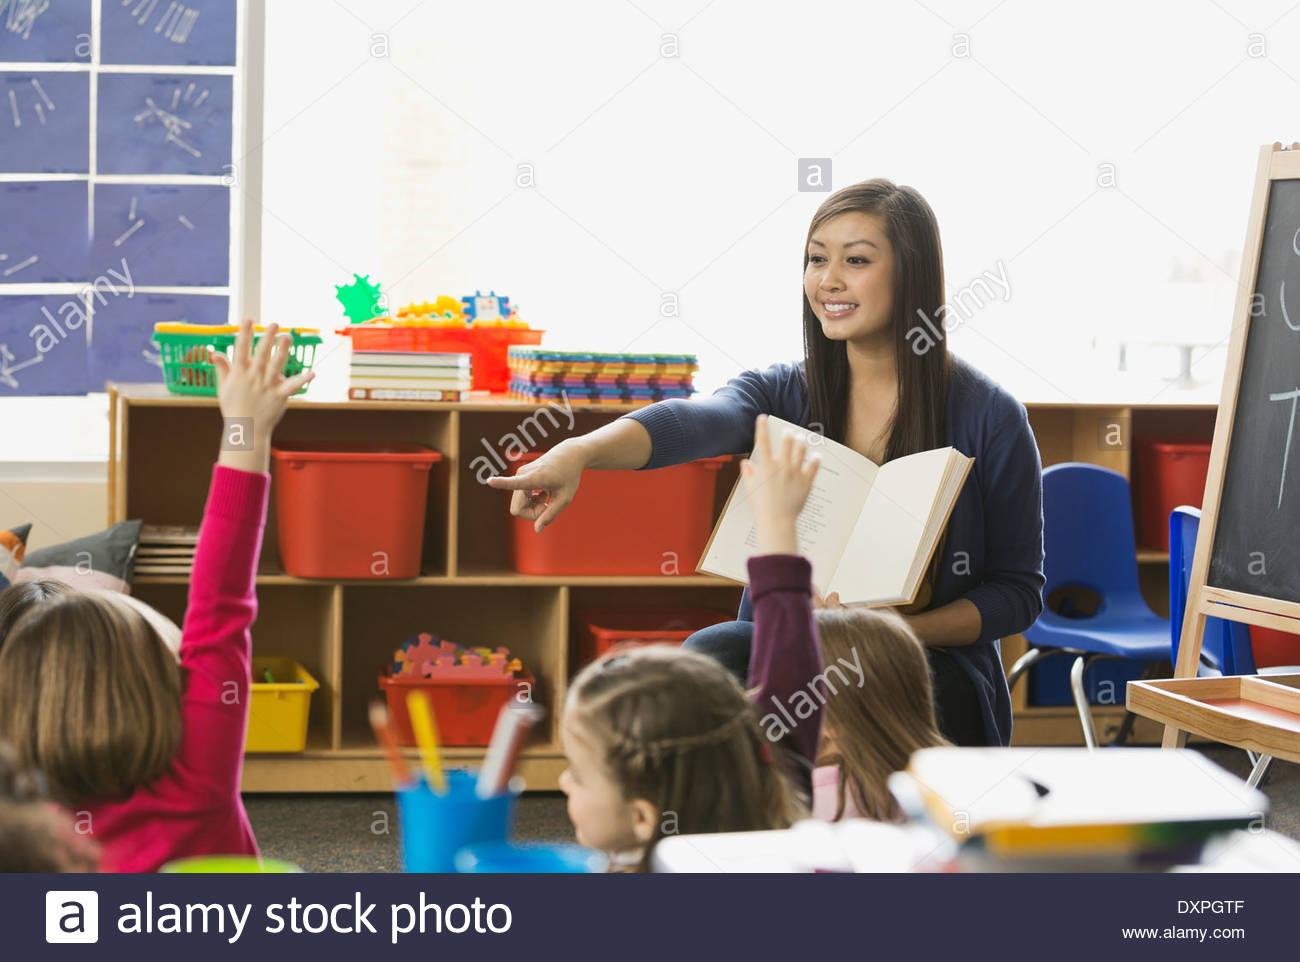 Insegnante rivolti a studenti con le mani alzate nella classe Immagini Stock